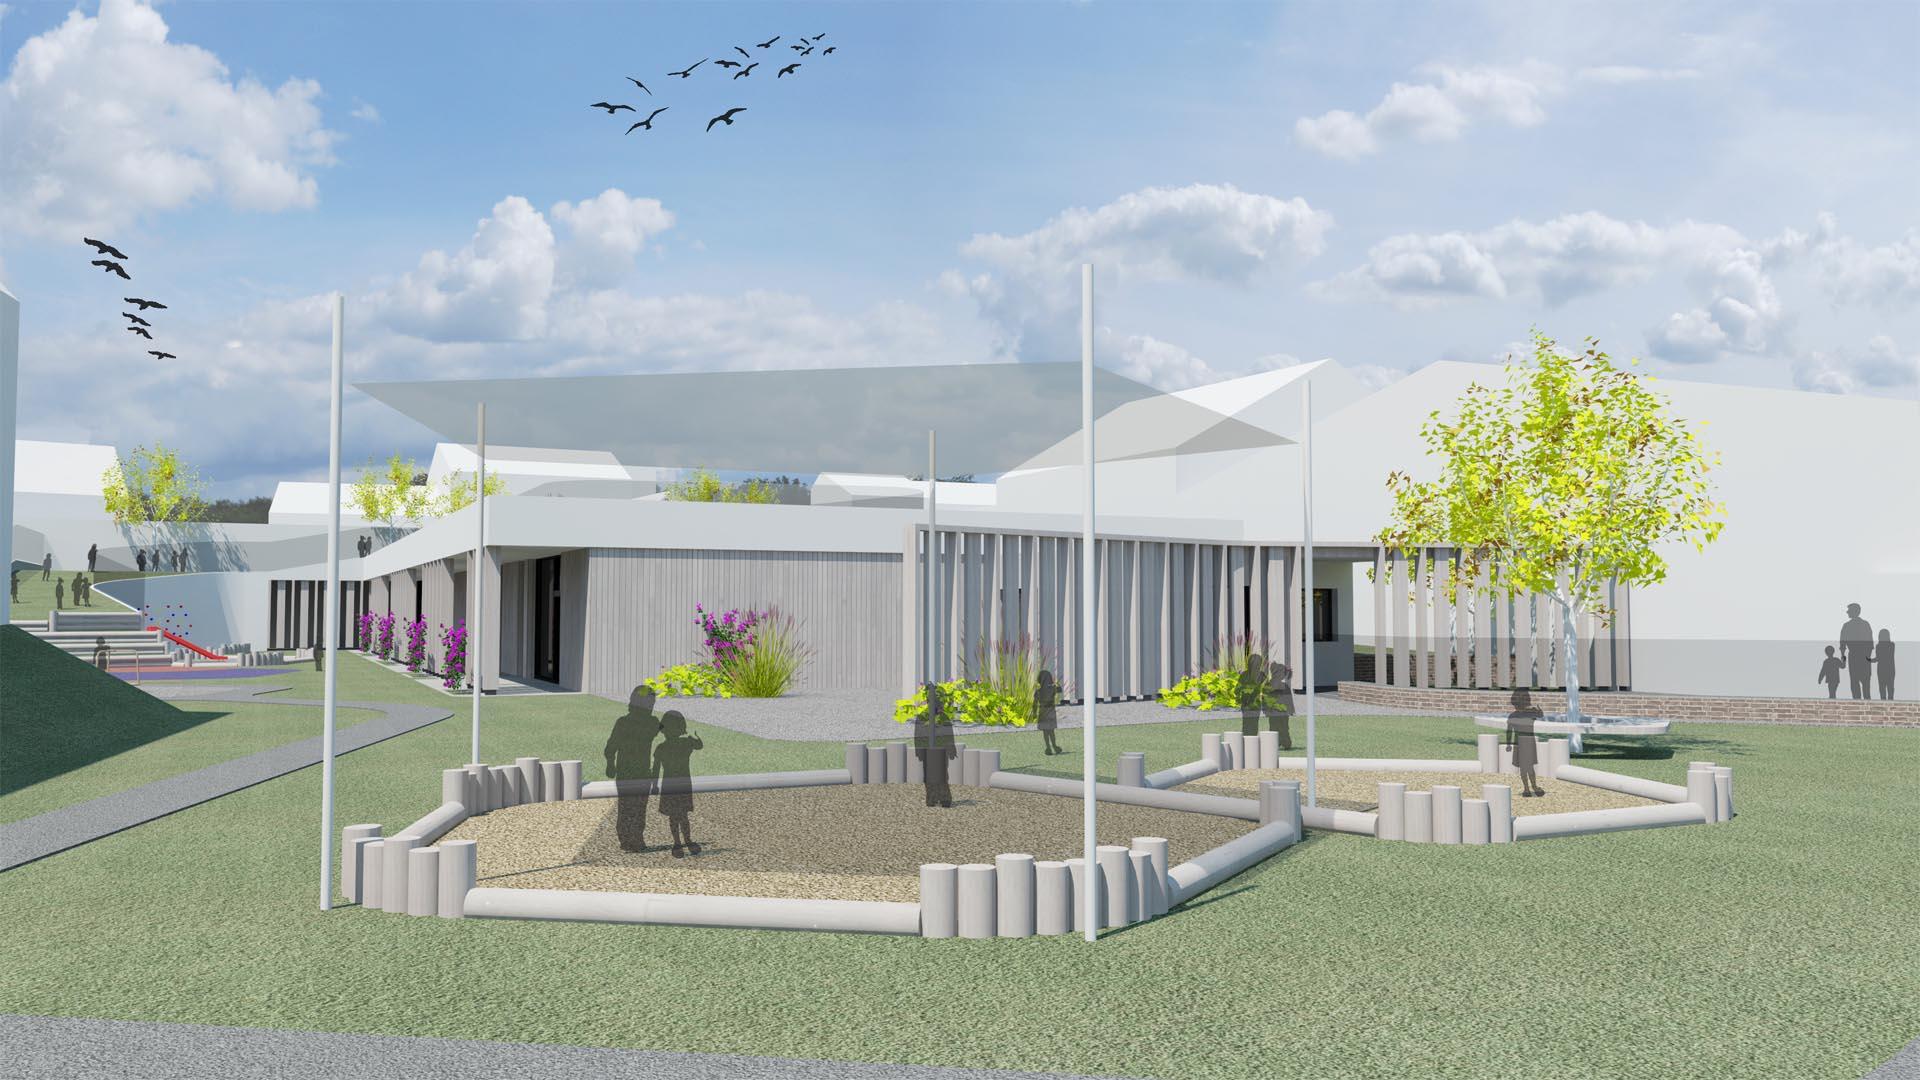 kindergarten wettbewerb architektur landschaftsplanung